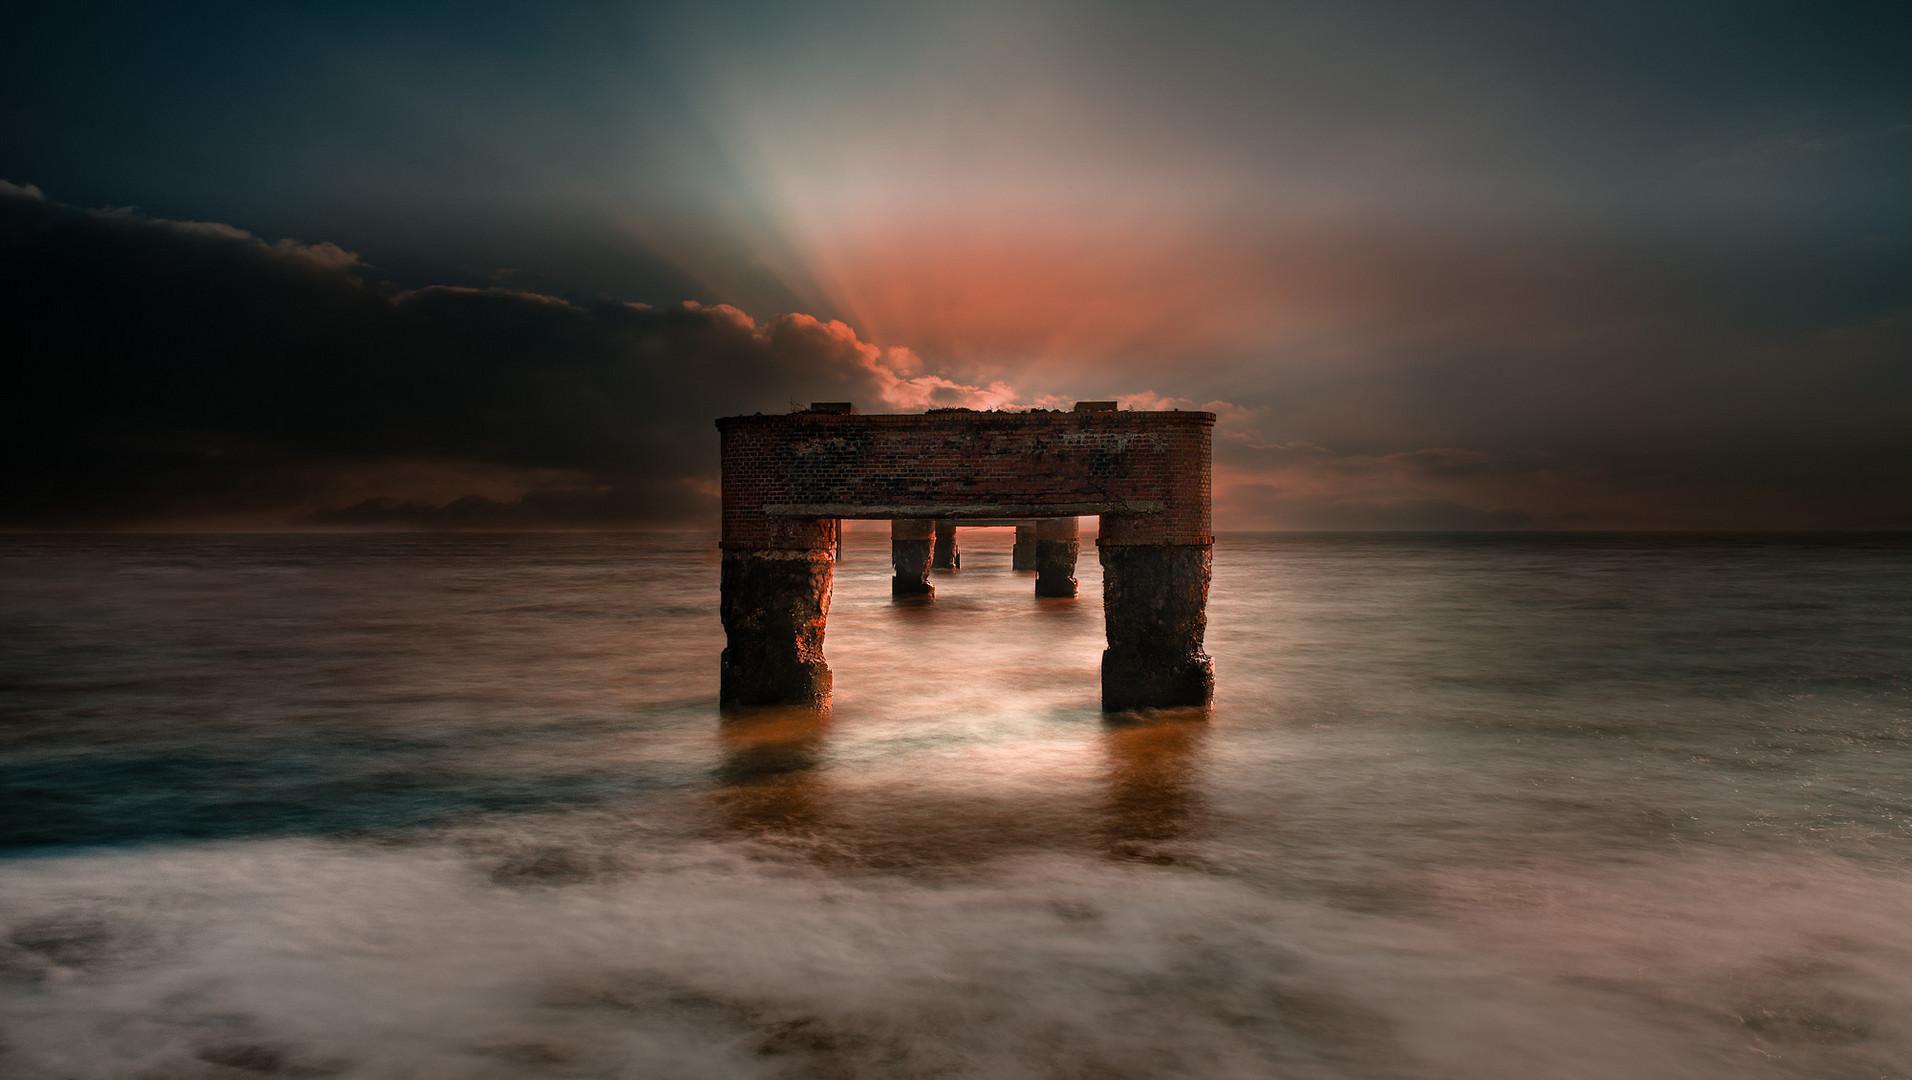 Brückenruine im Abendlicht